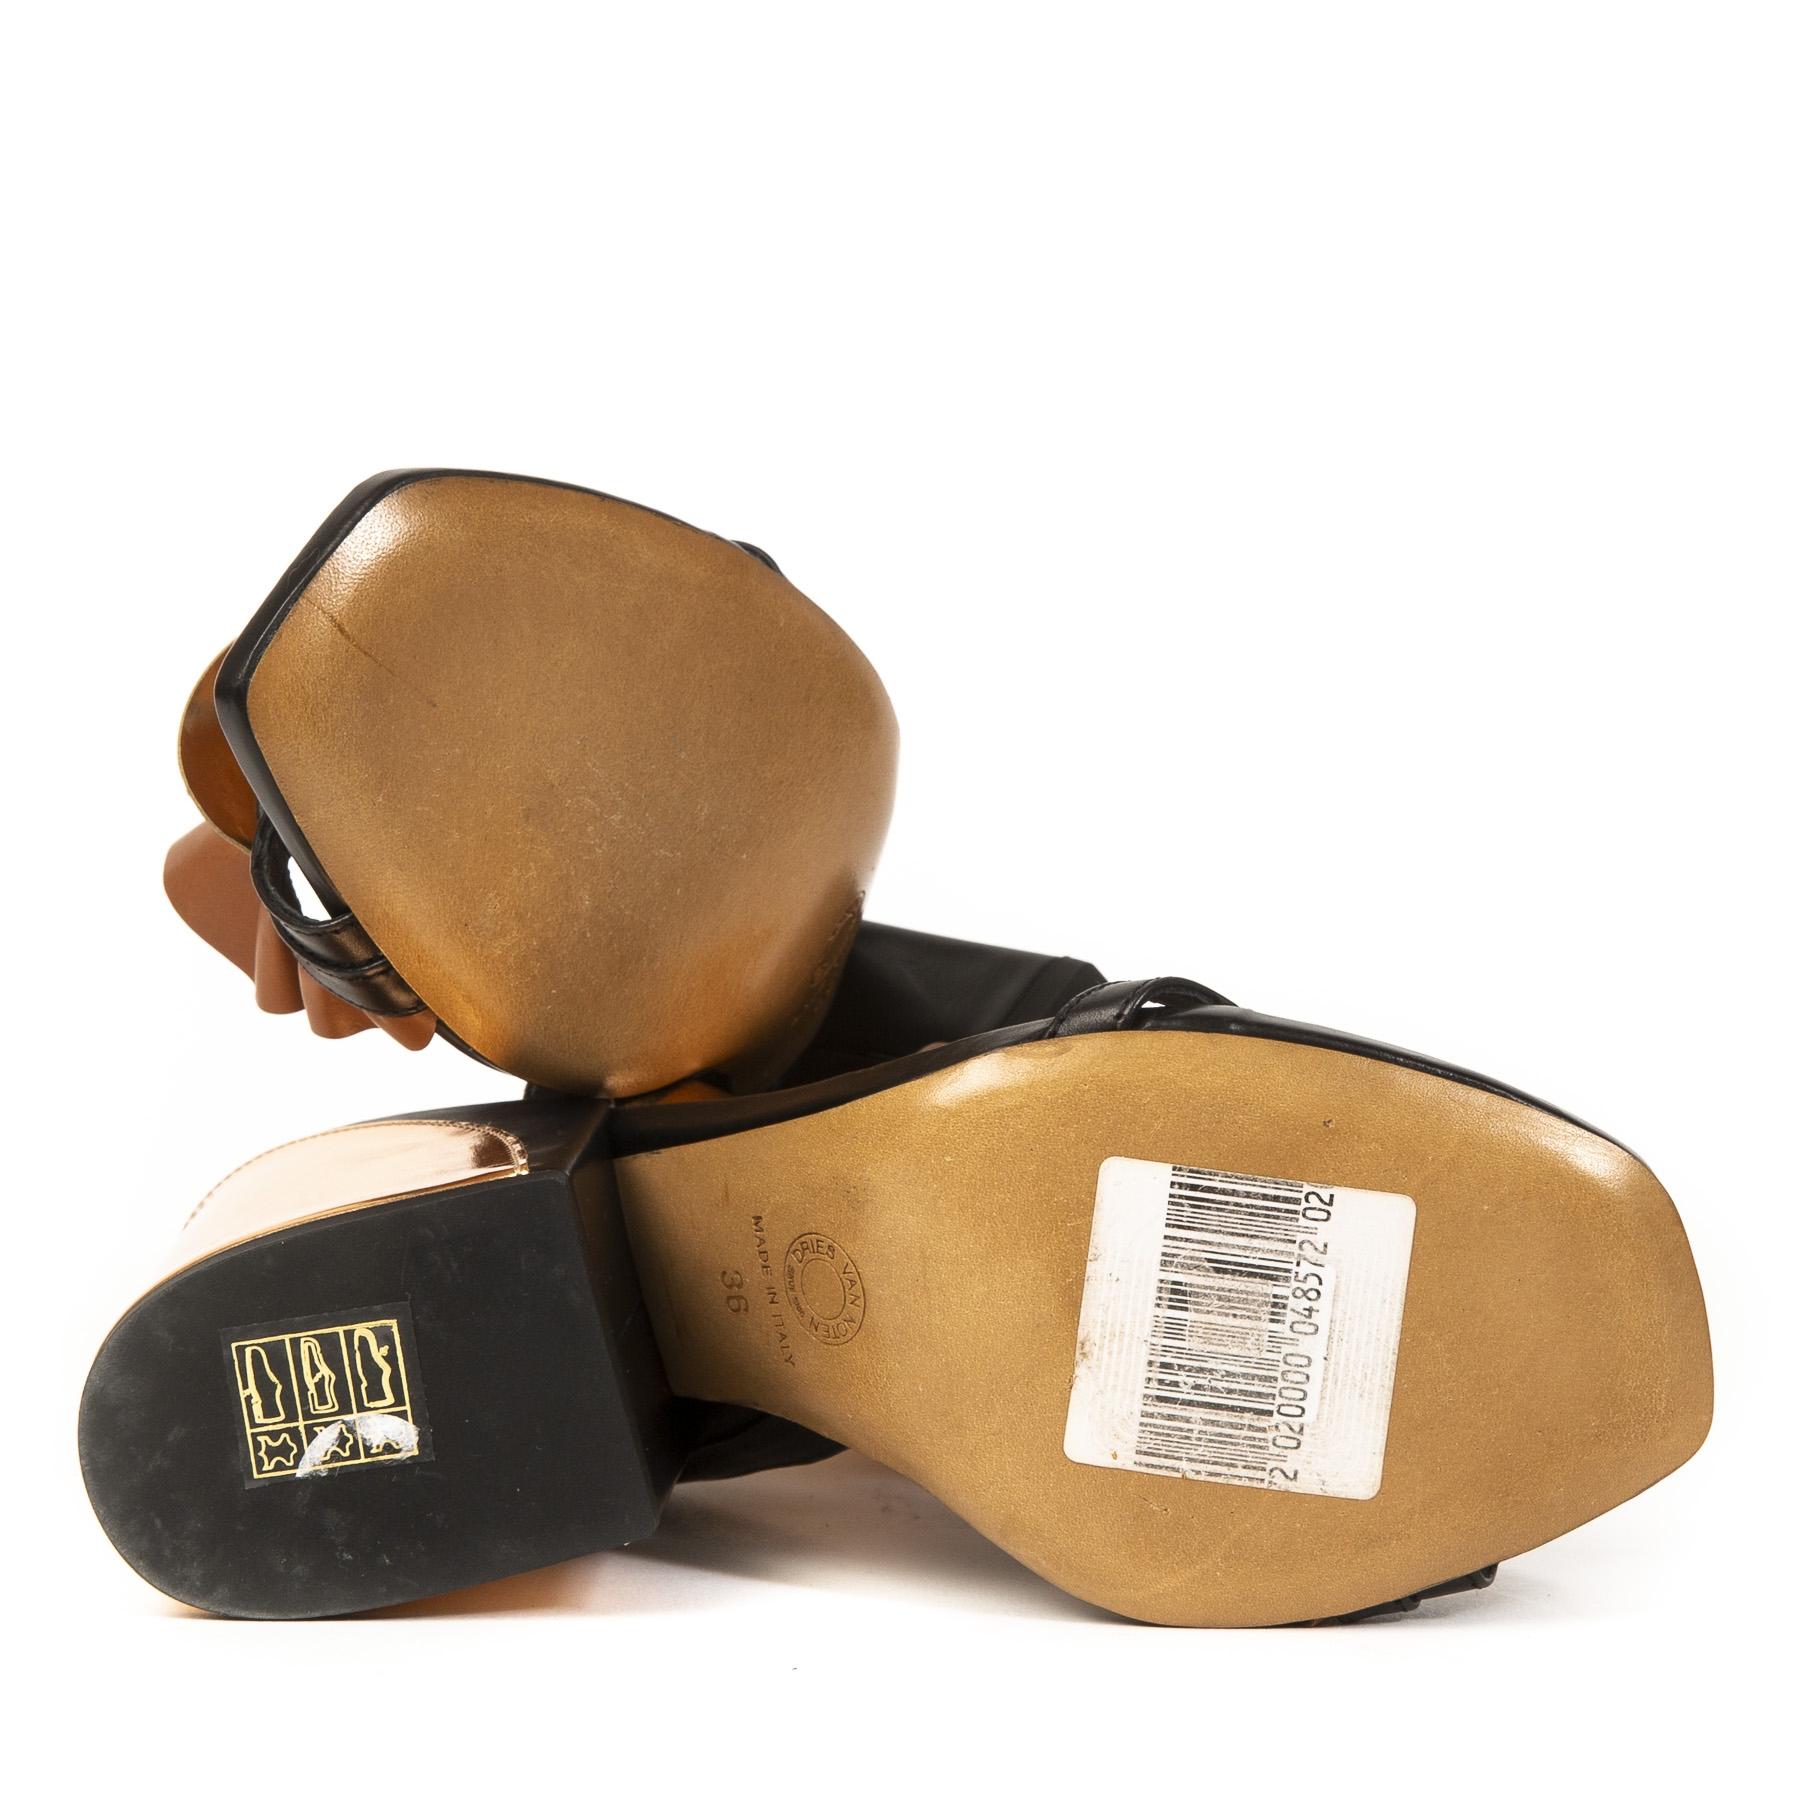 Authentieke tweedehands vintage Dries Van Noten Suede Ruffled Block Heels - Size 36 koop online webshop LabelLOV